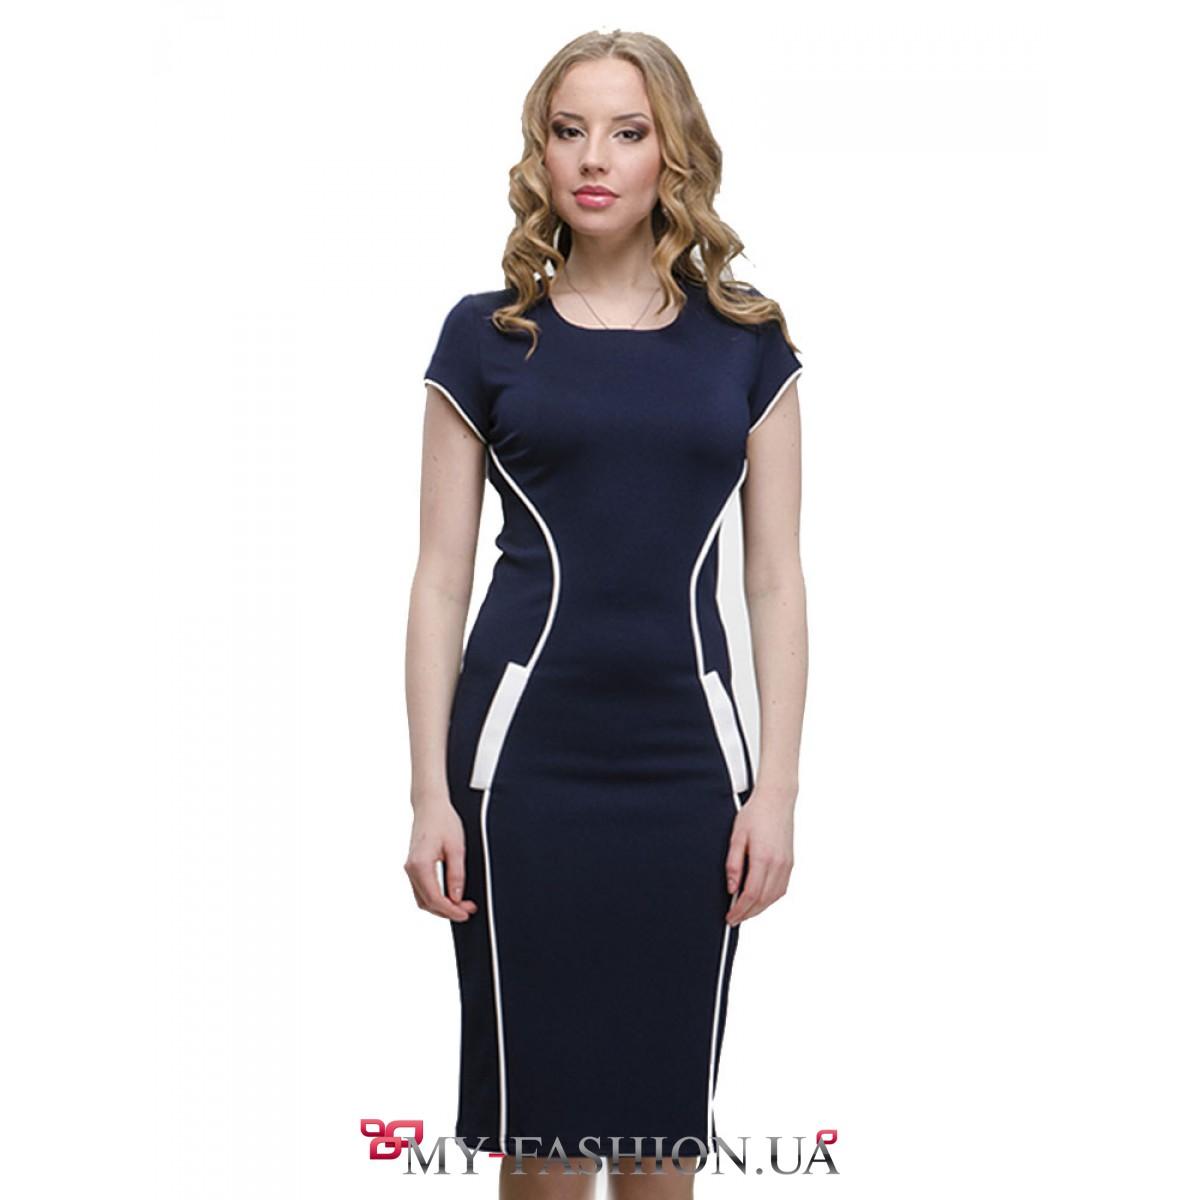 Одежда Для Офиса Женская Доставка